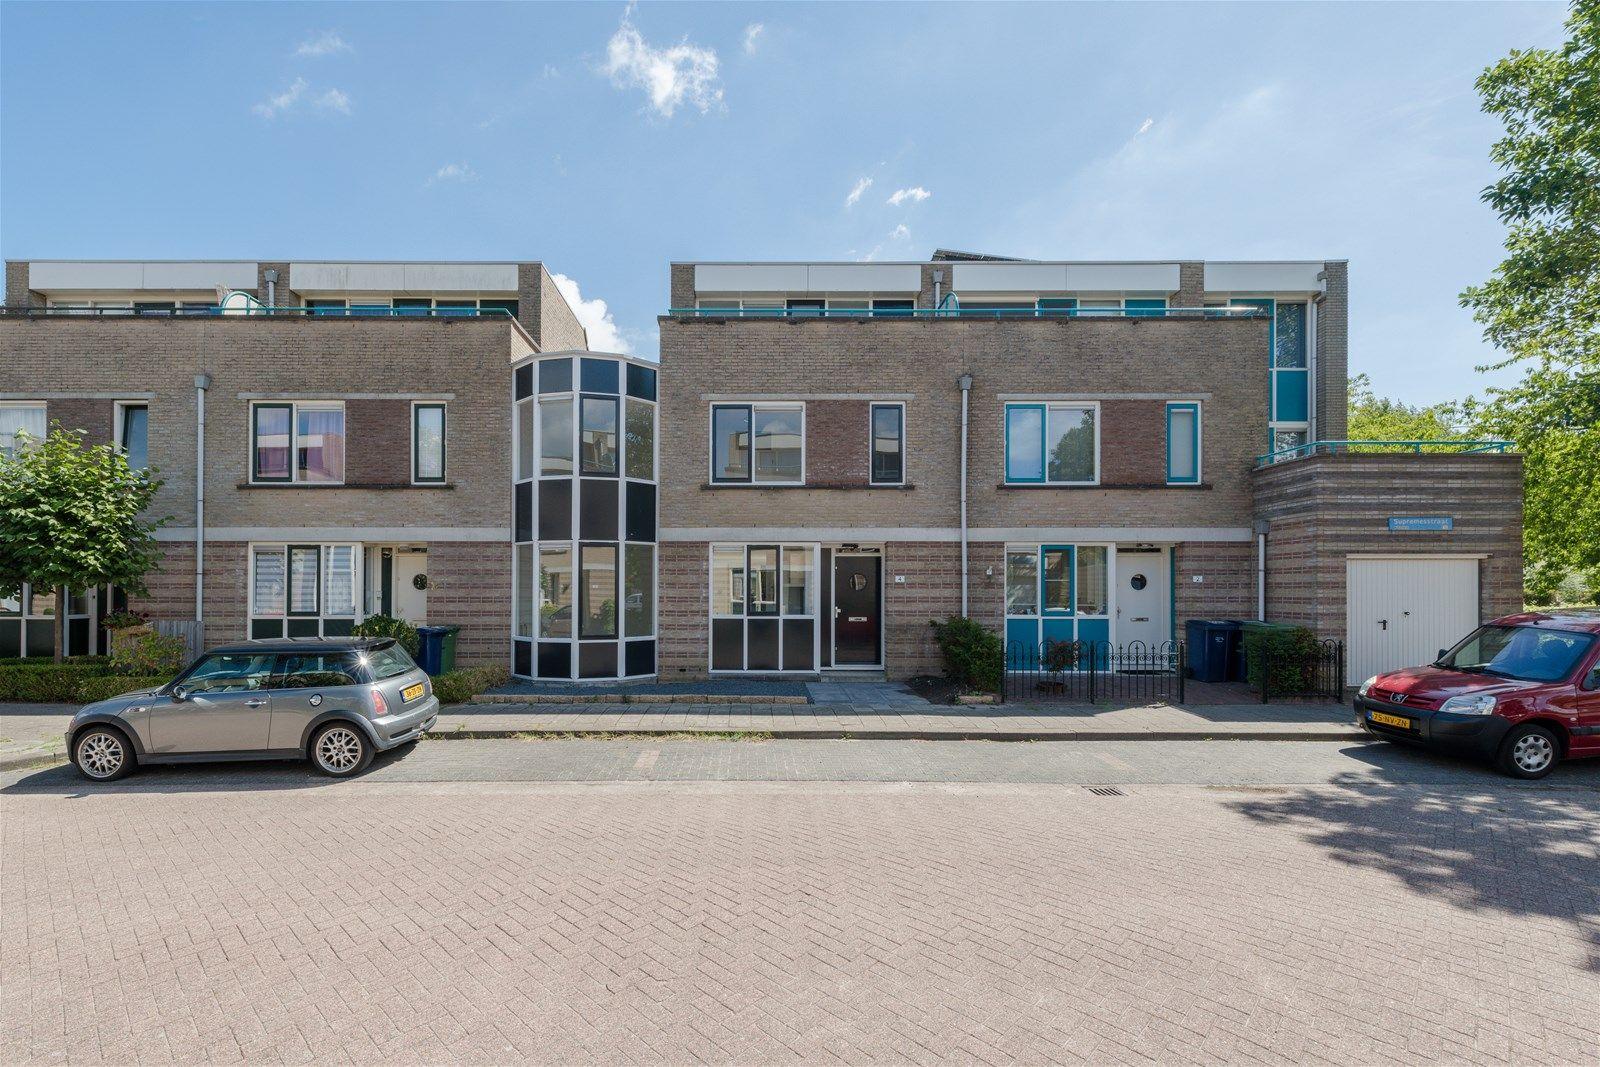 Supremesstraat 4, Almere